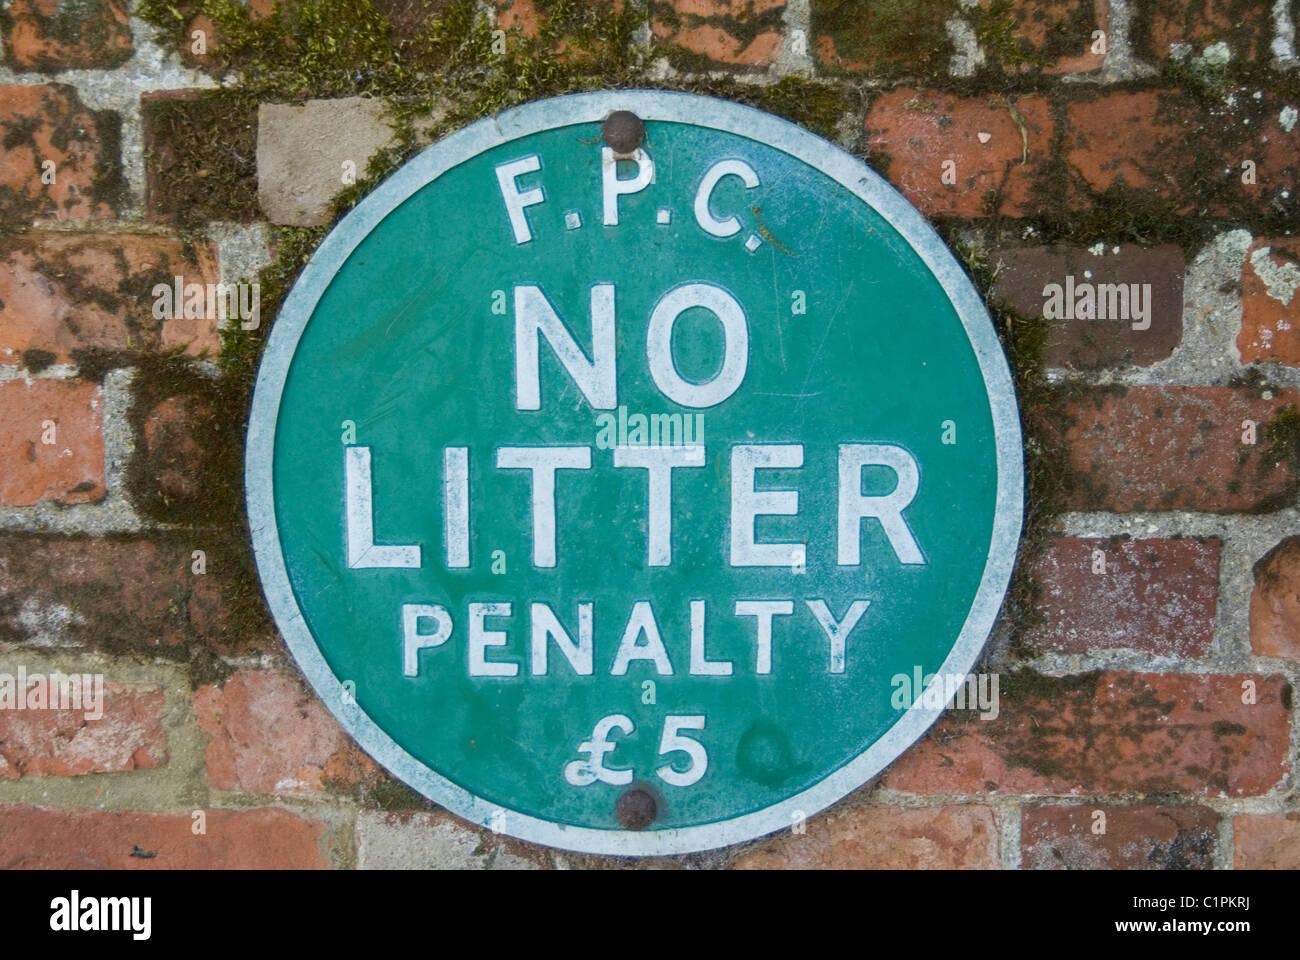 England, Essex, Finchingfield, keine Littr anmelden, alte Ziegel Wand Stockbild